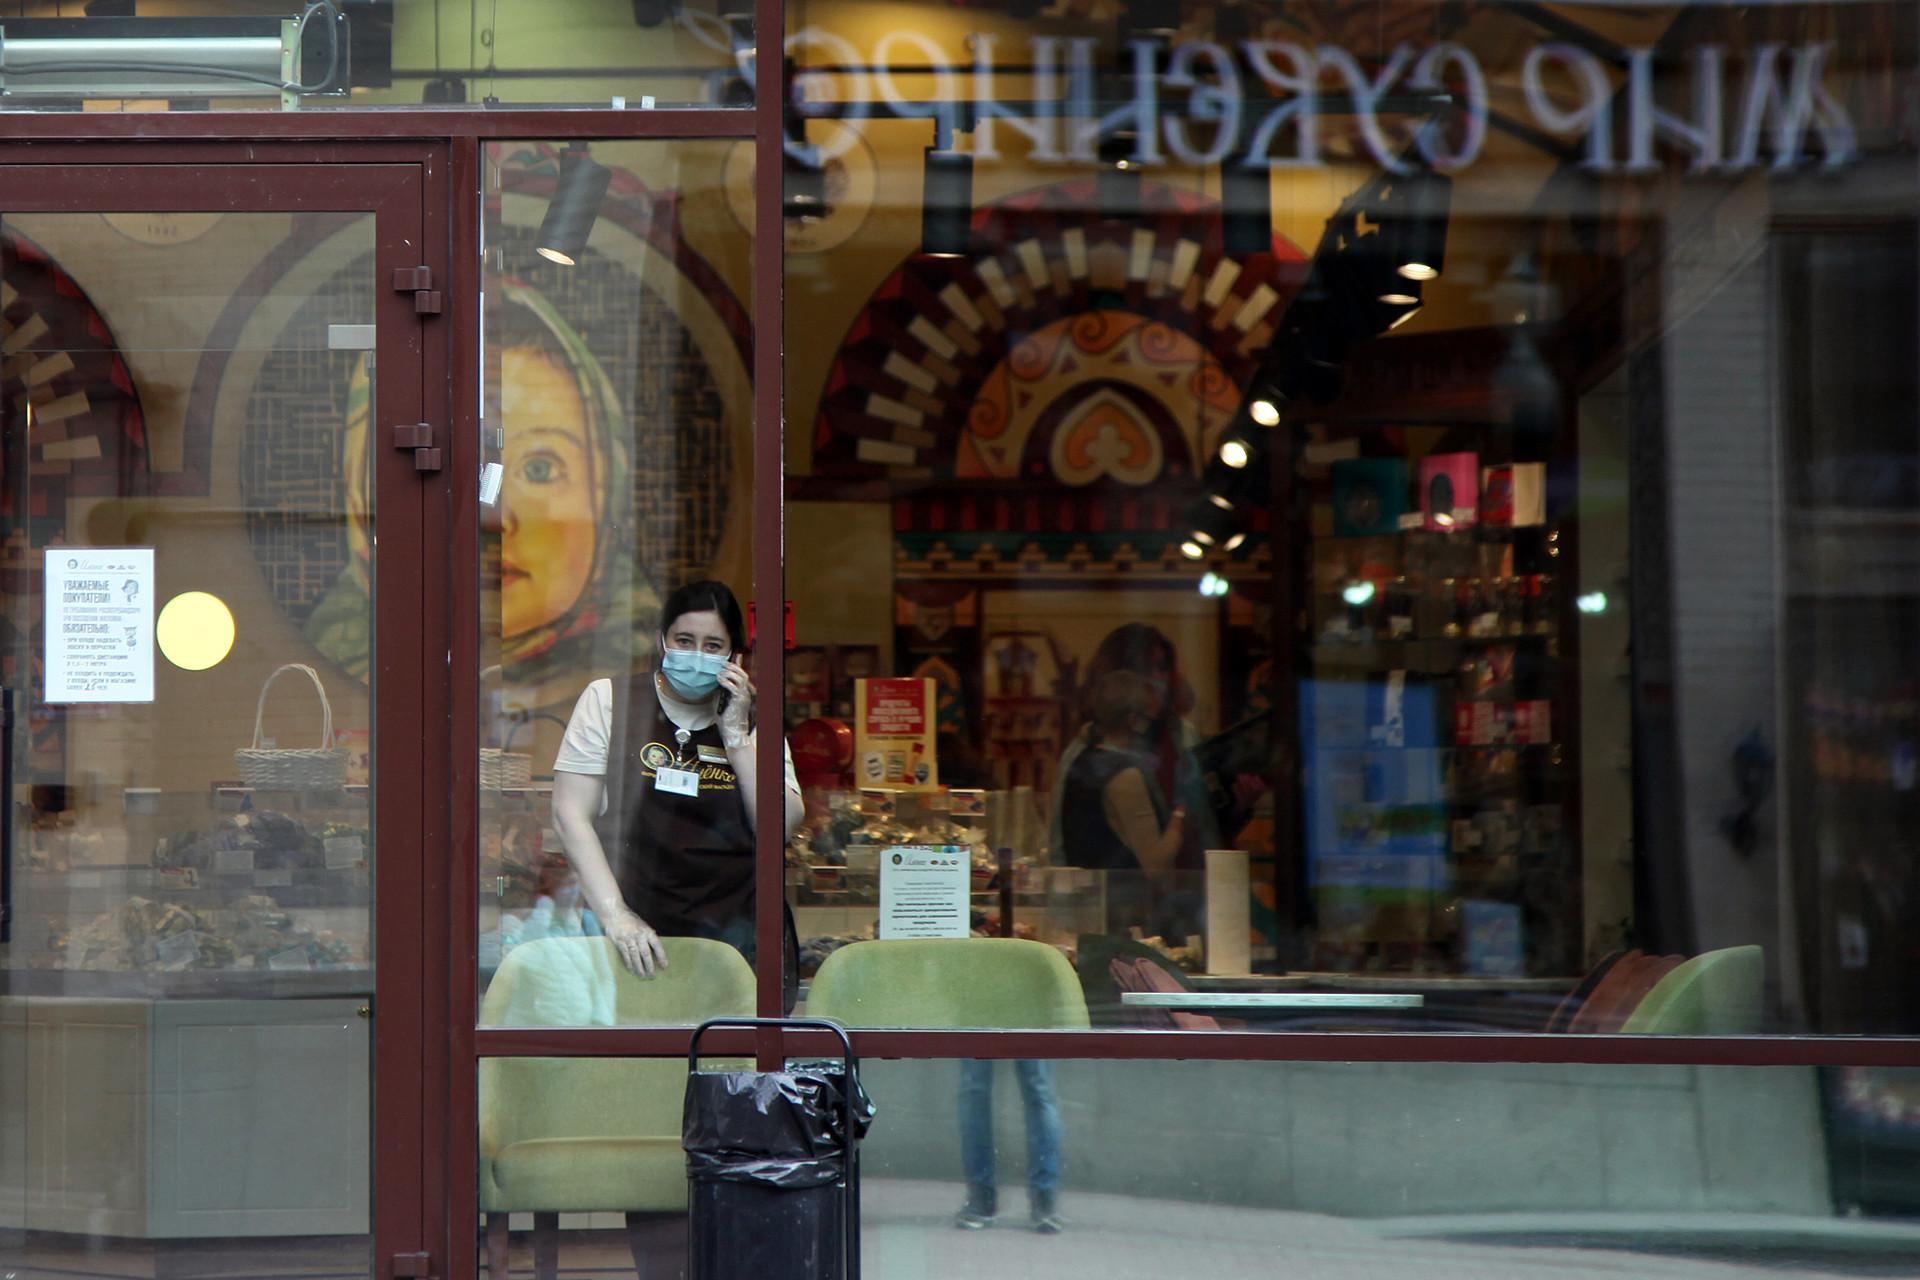 Seorang pekerja toko sedang berbicara di telepon di sebuah toko cokelat khas Rusia Alyonka, yang sepi pembeli di daerah Arbatskaya Ulitsa.